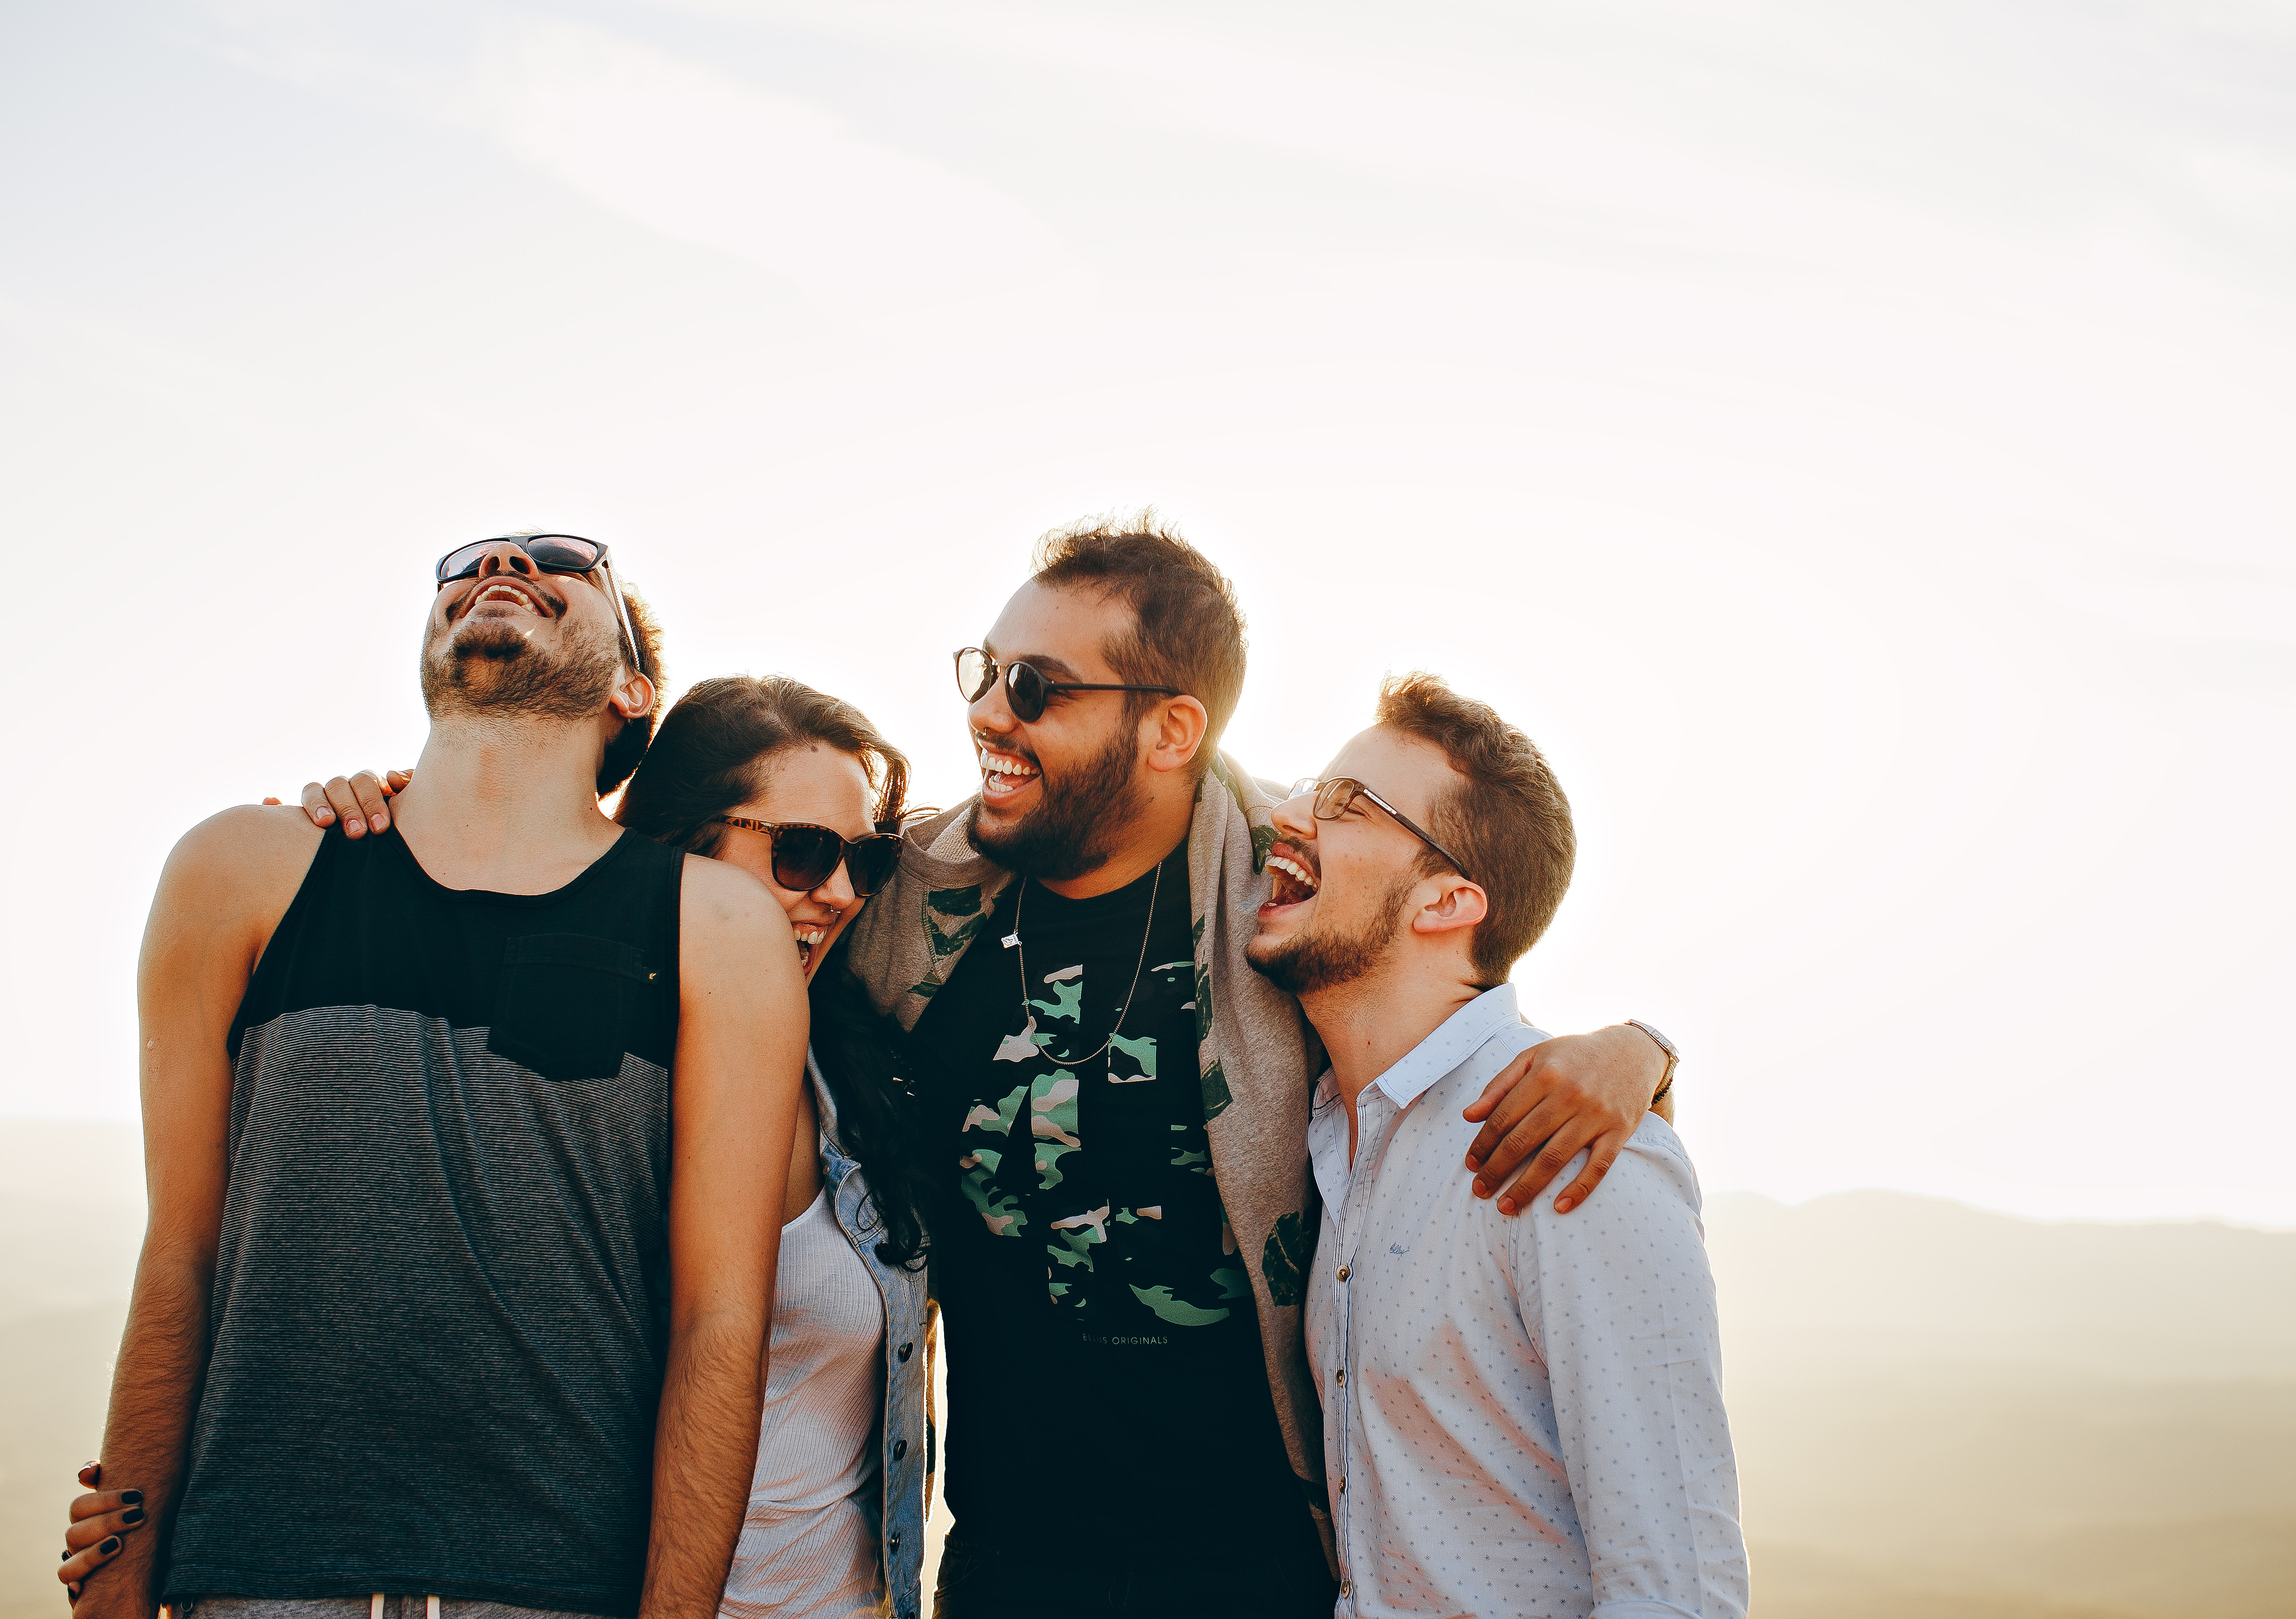 Vrienden op vakantie